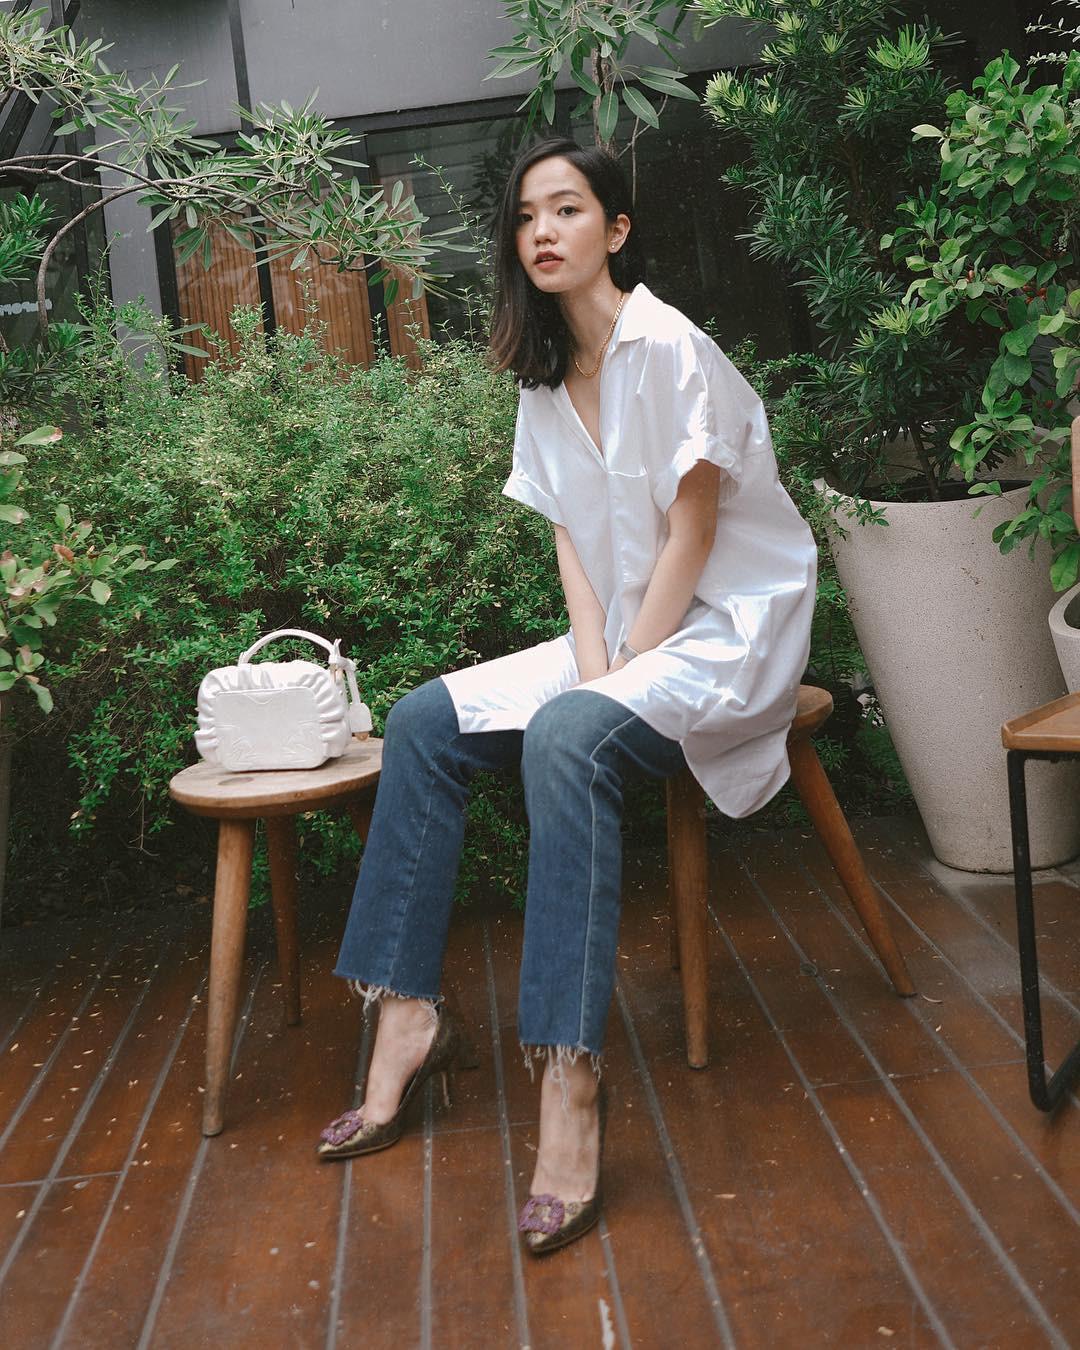 Thêm tips mặc đẹp từ style tưởng như phi thực tế của các Công nương: 3 mẫu giày kết hợp cực nuột với quần jeans - Ảnh 10.